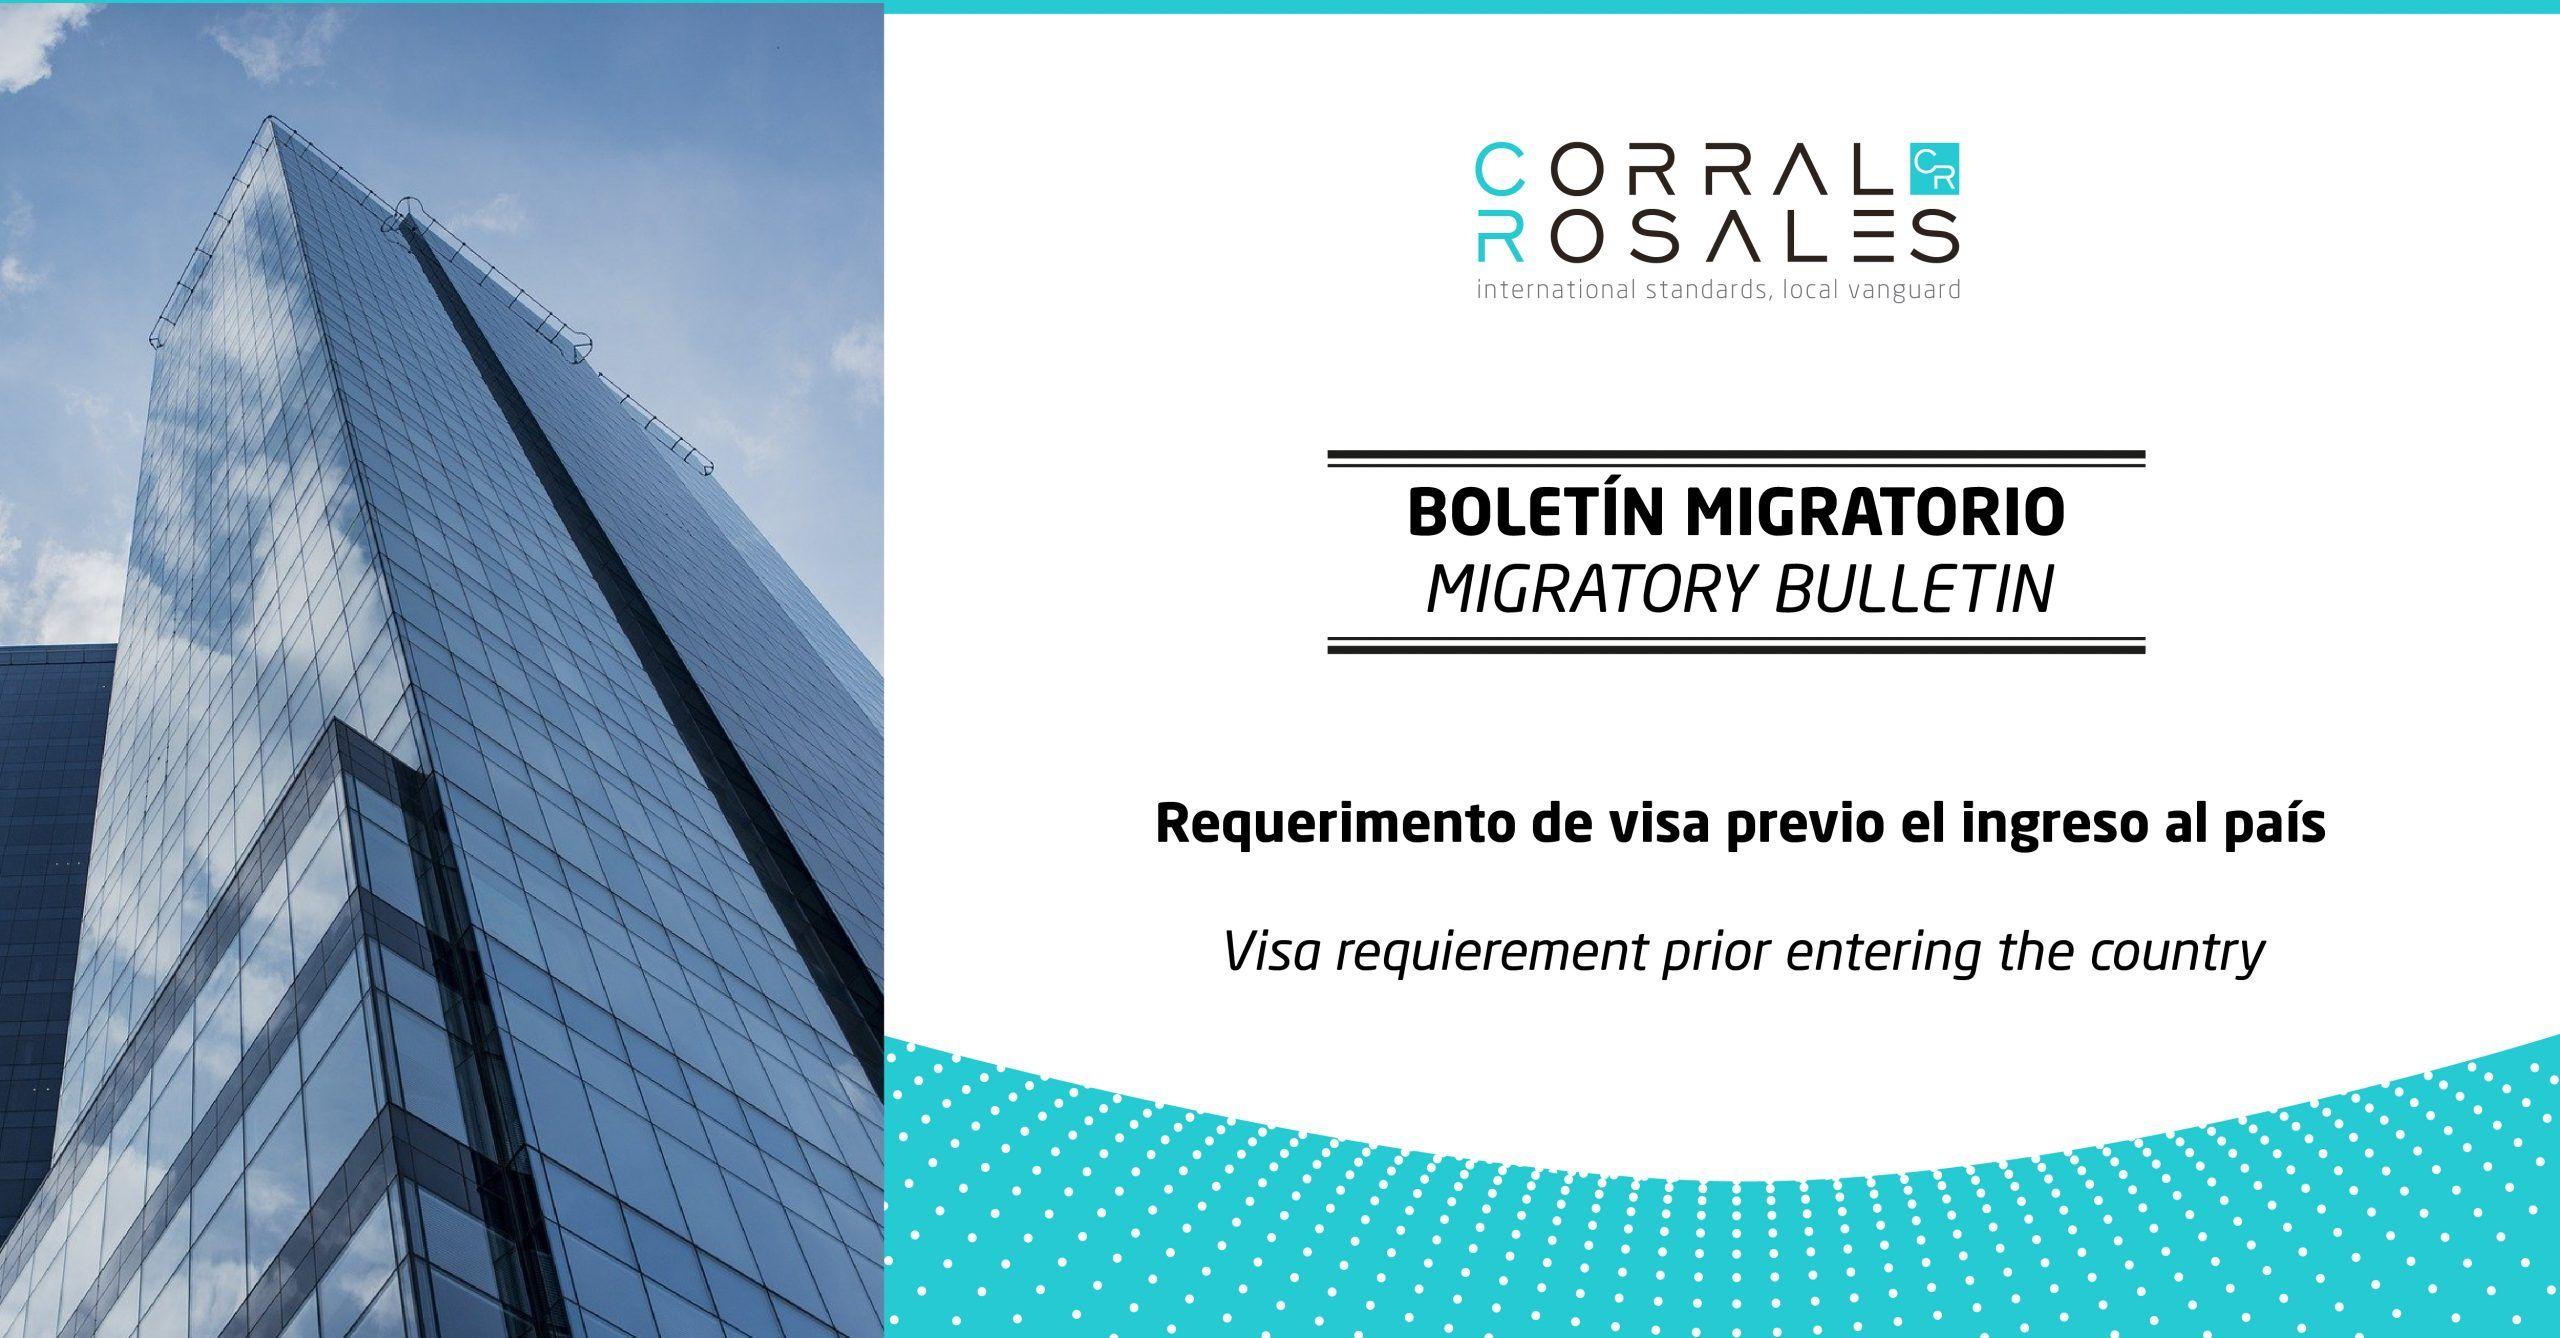 Boletín Migratorio - Requerimiento de visa previo el ingreso al país - CorralRosales - Abogados Ecuador